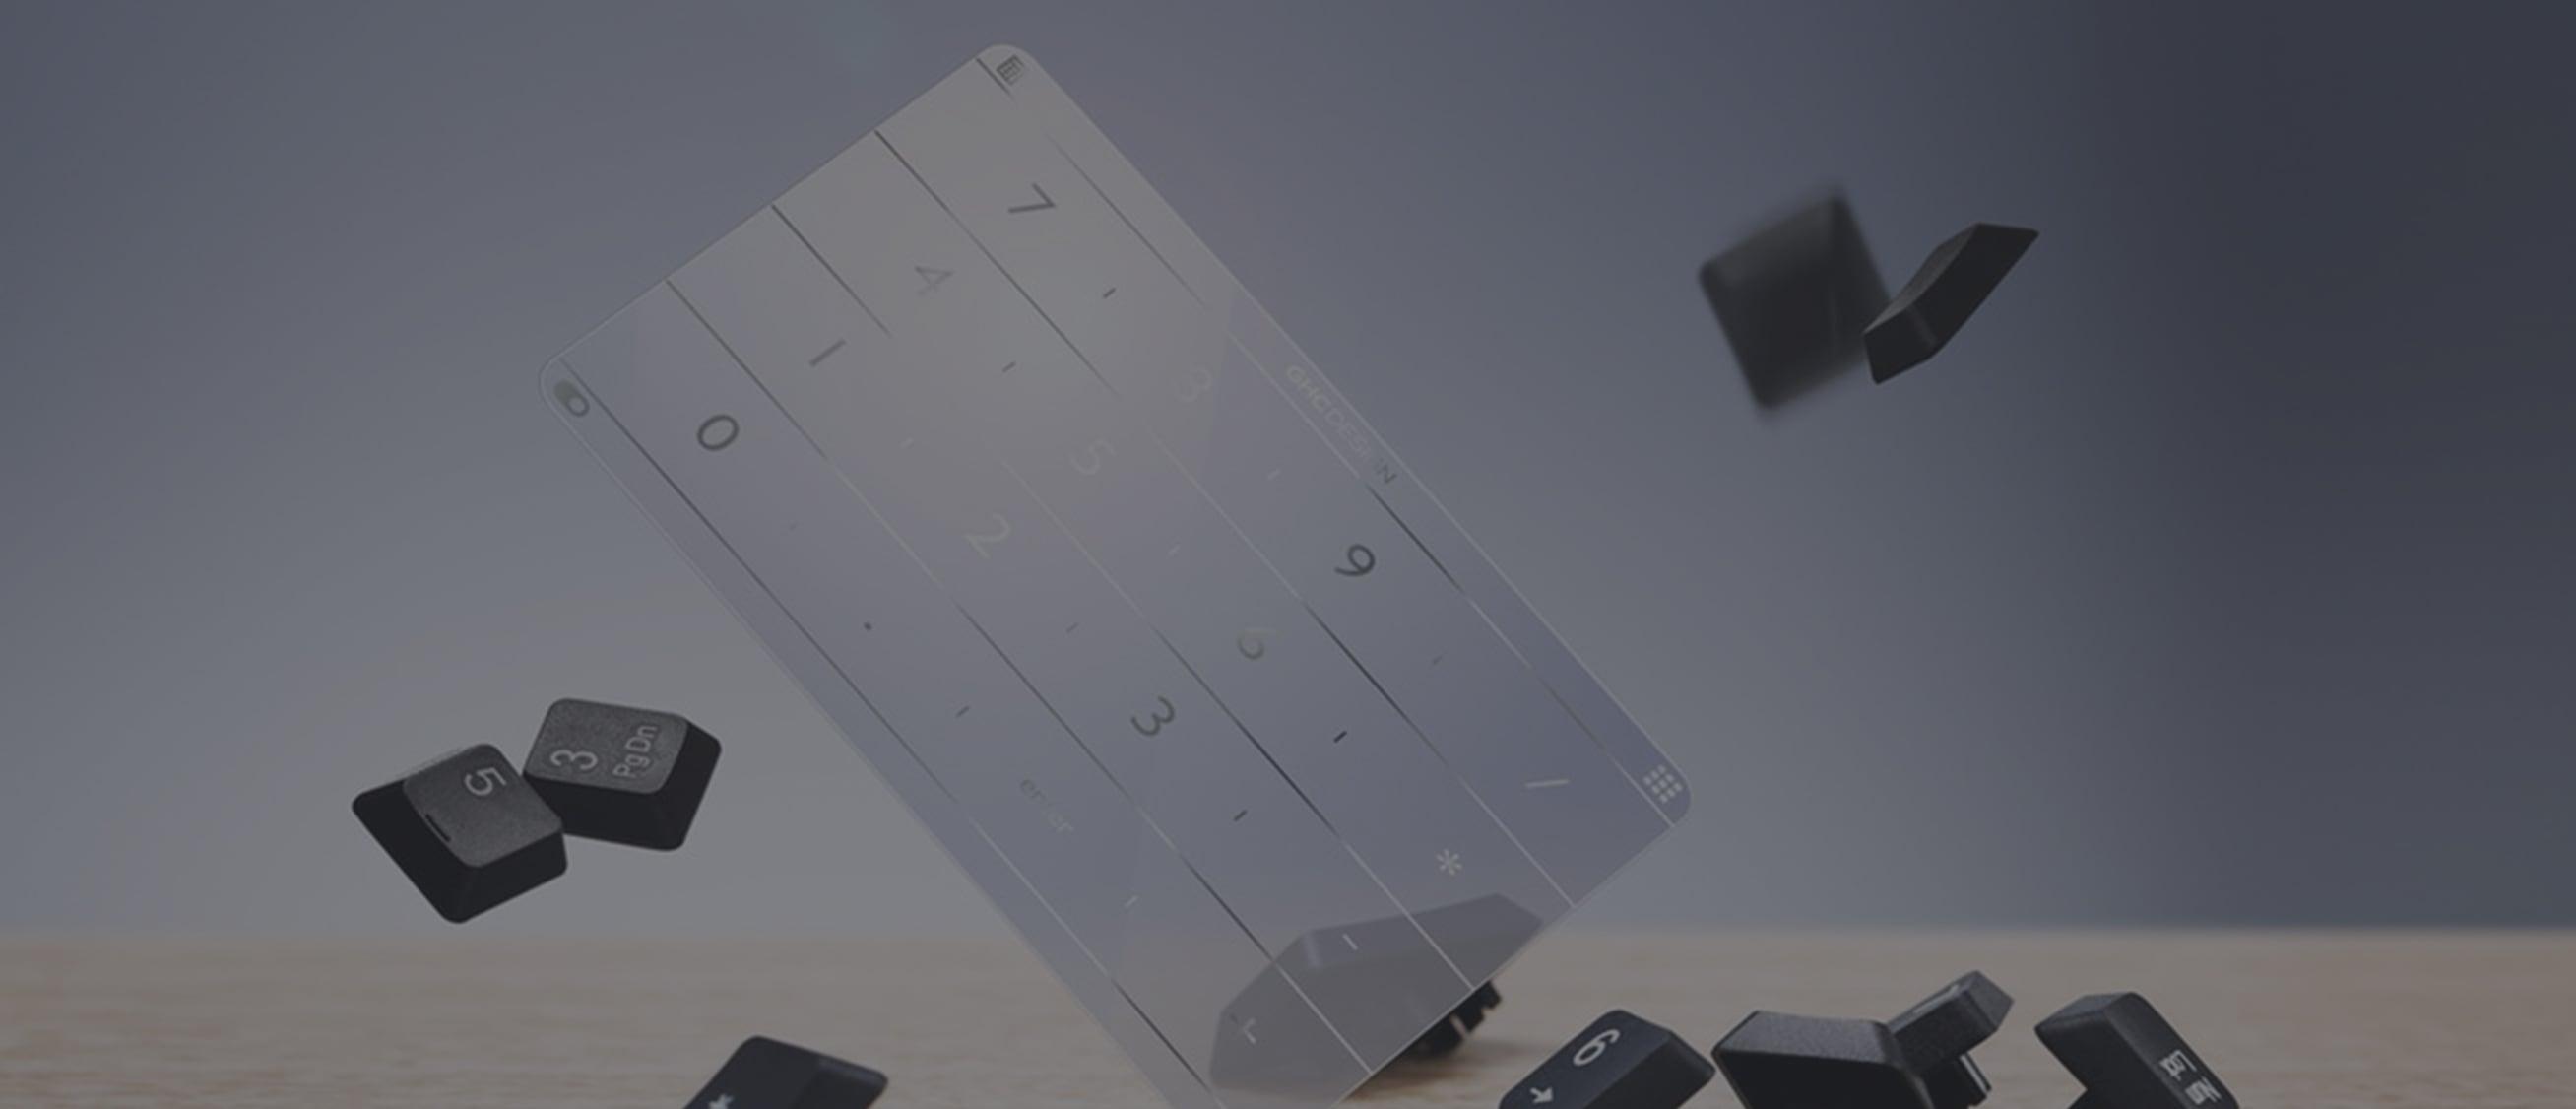 Smartglass netflix keyboard